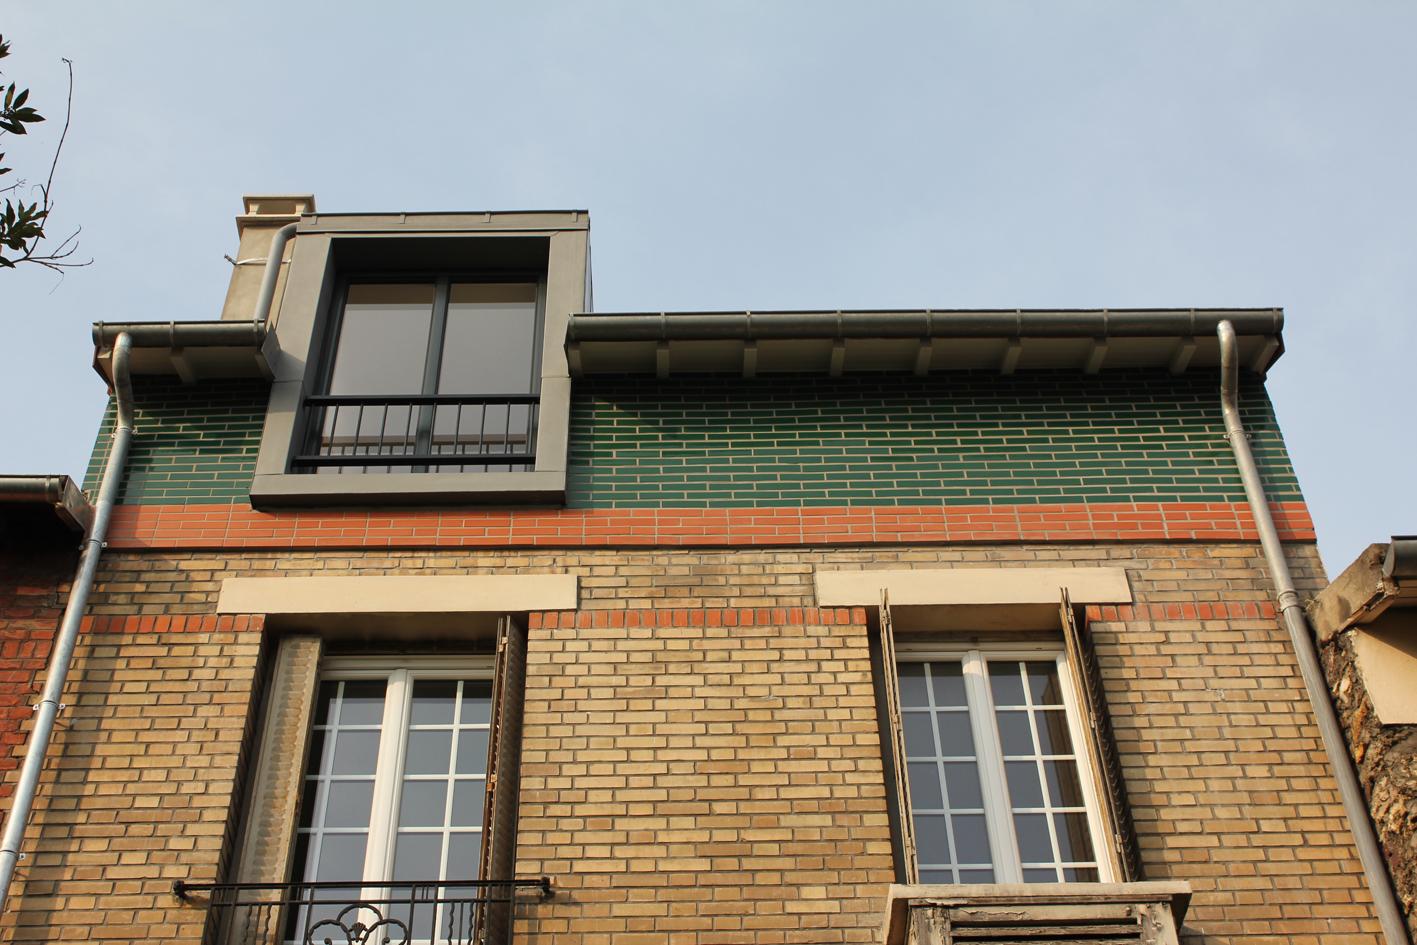 03_facade jardin apres_zoom.jpg